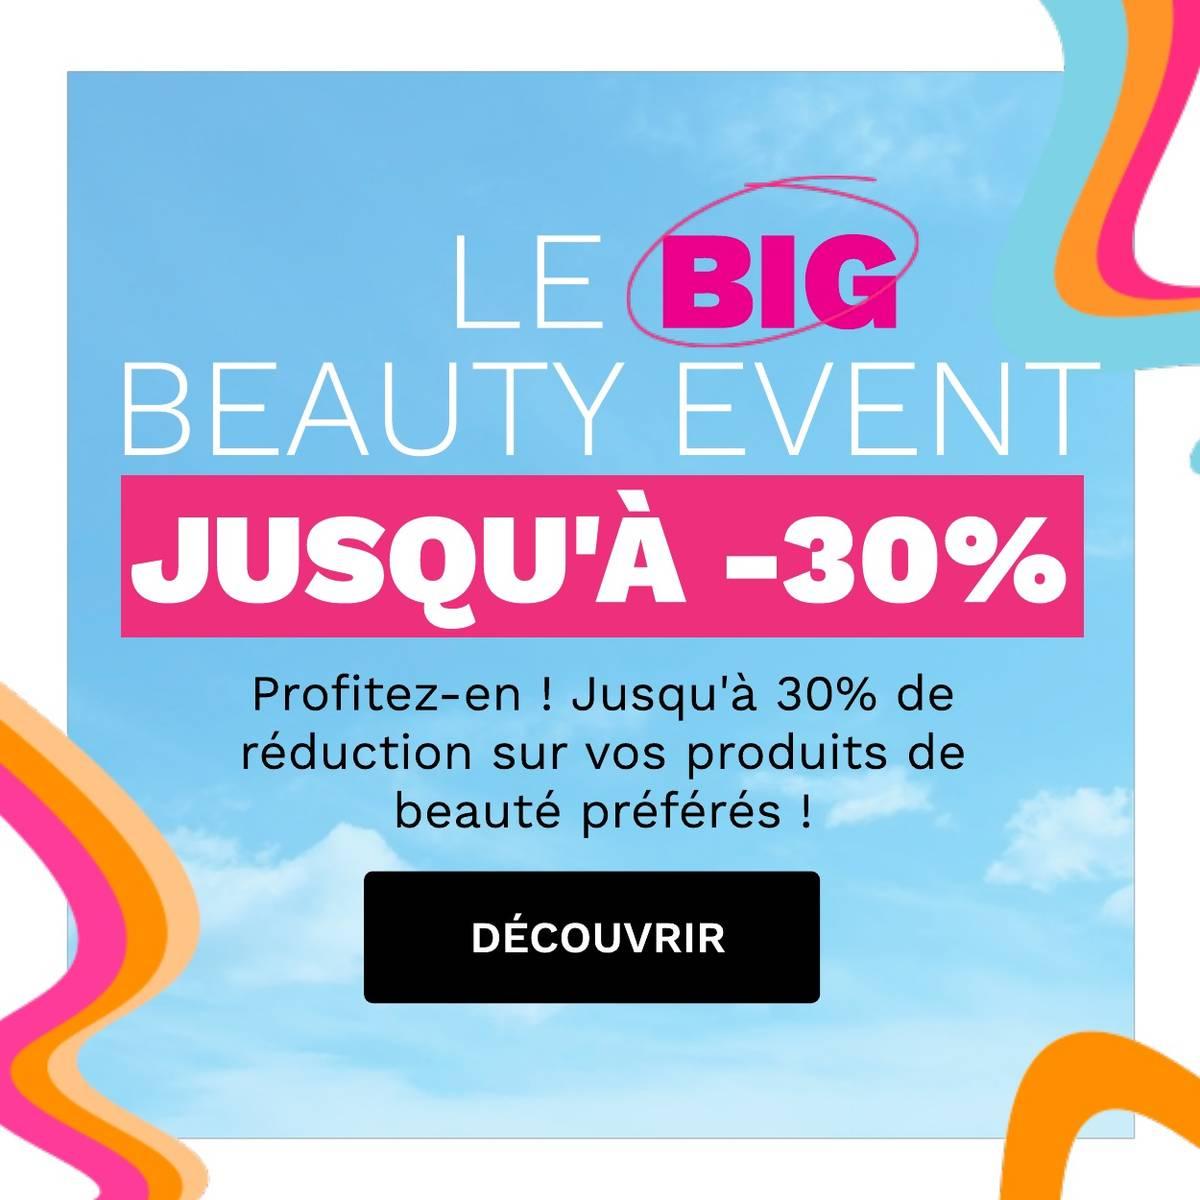 Le Big Beauty Event est là - Economisez jusqu'à 30%!